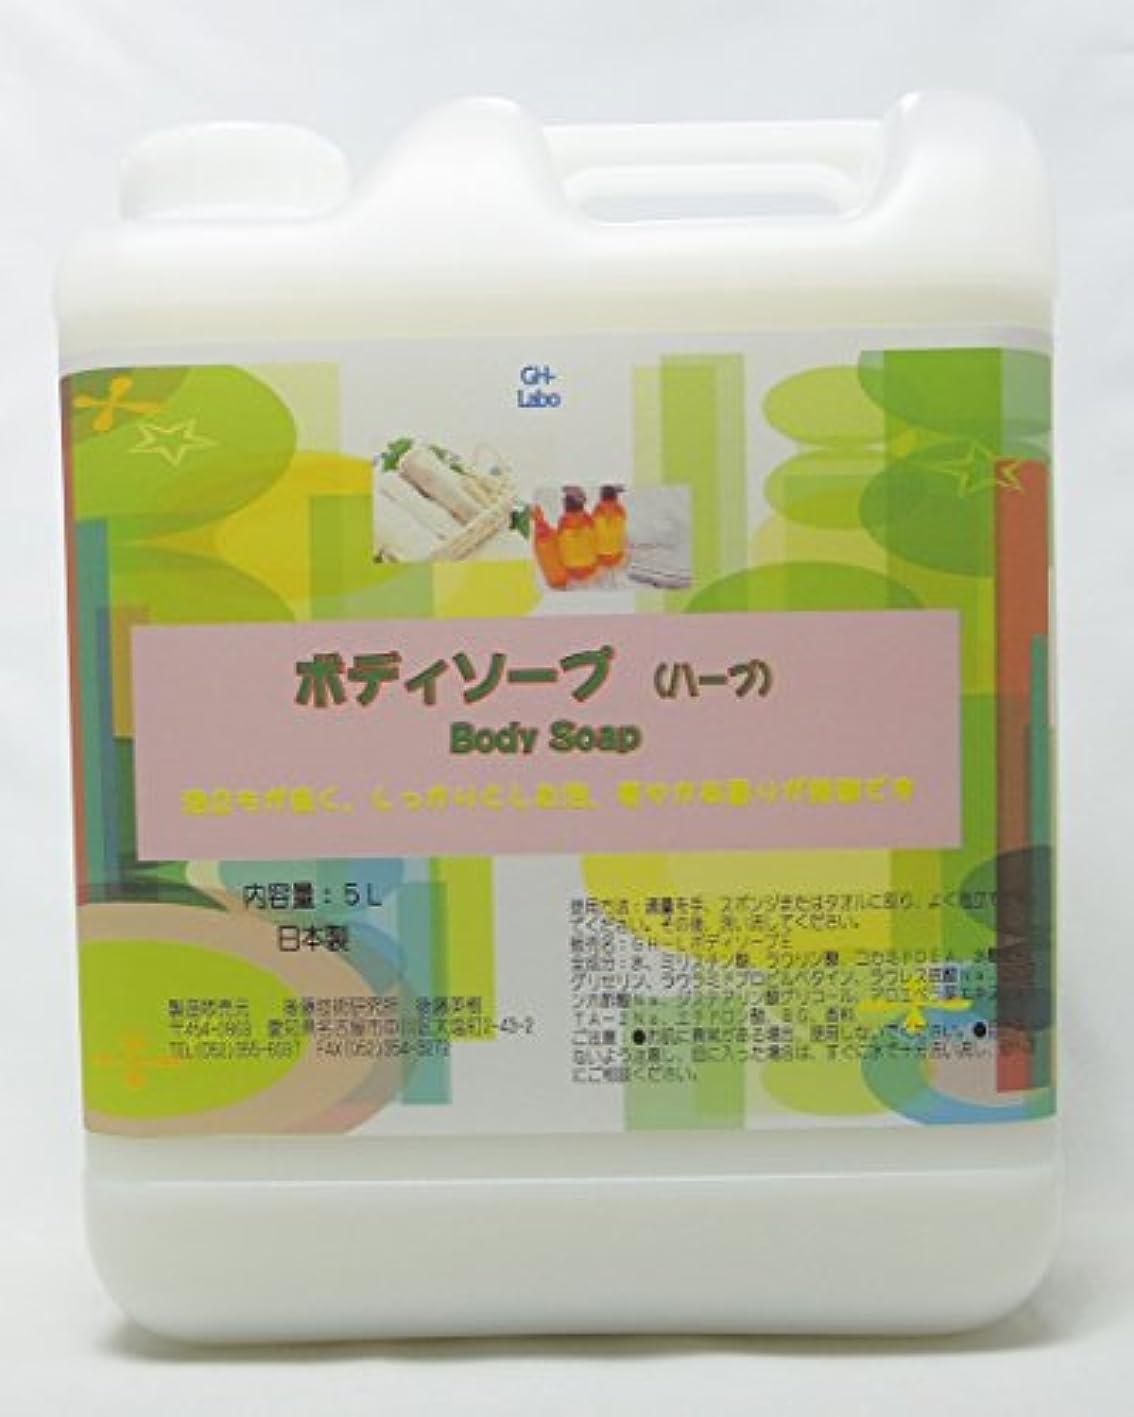 罪人石鹸甘くするGH-Labo 業務用ボディソープ ハーブ(セージ)の香り 5L